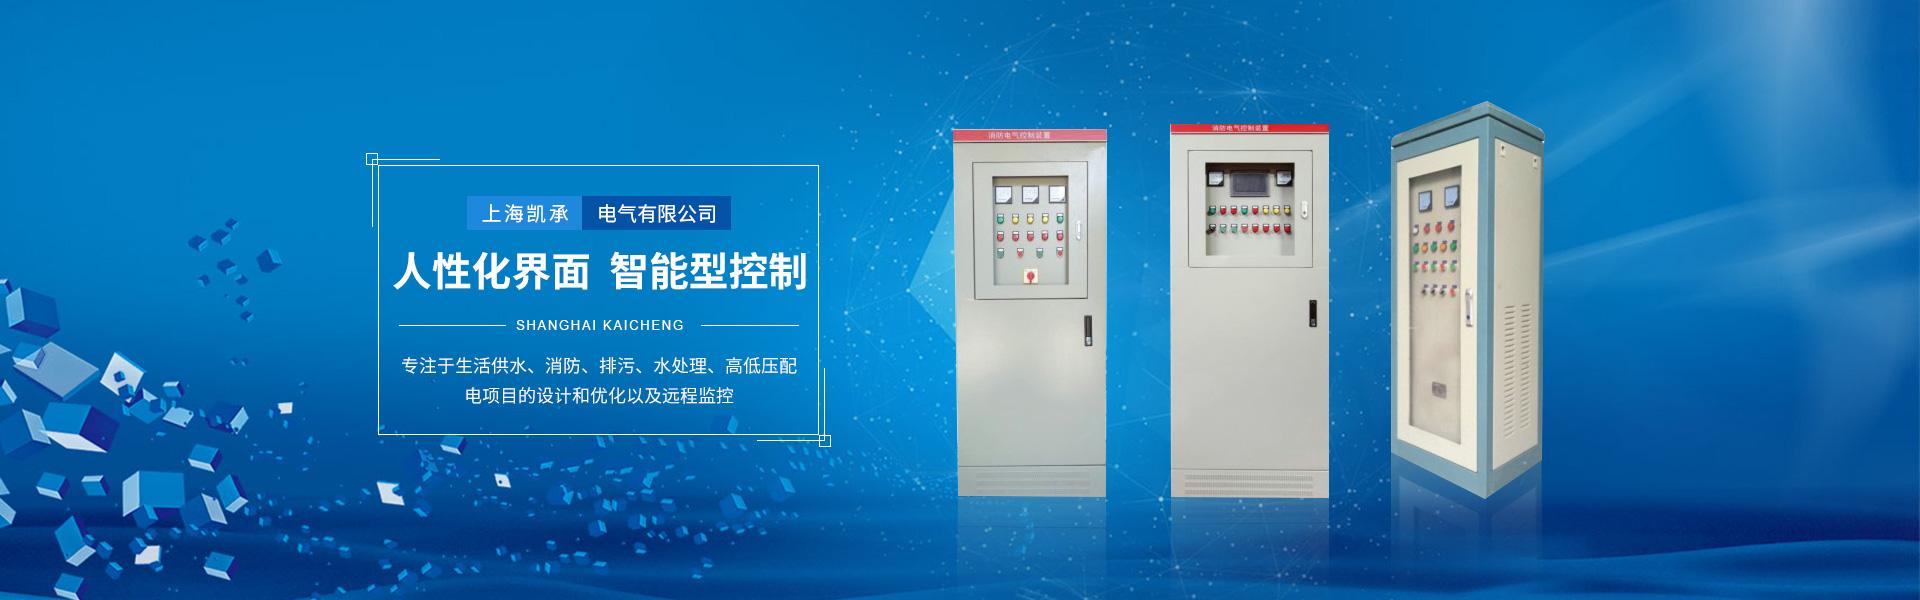 上海凯承电气有限公司